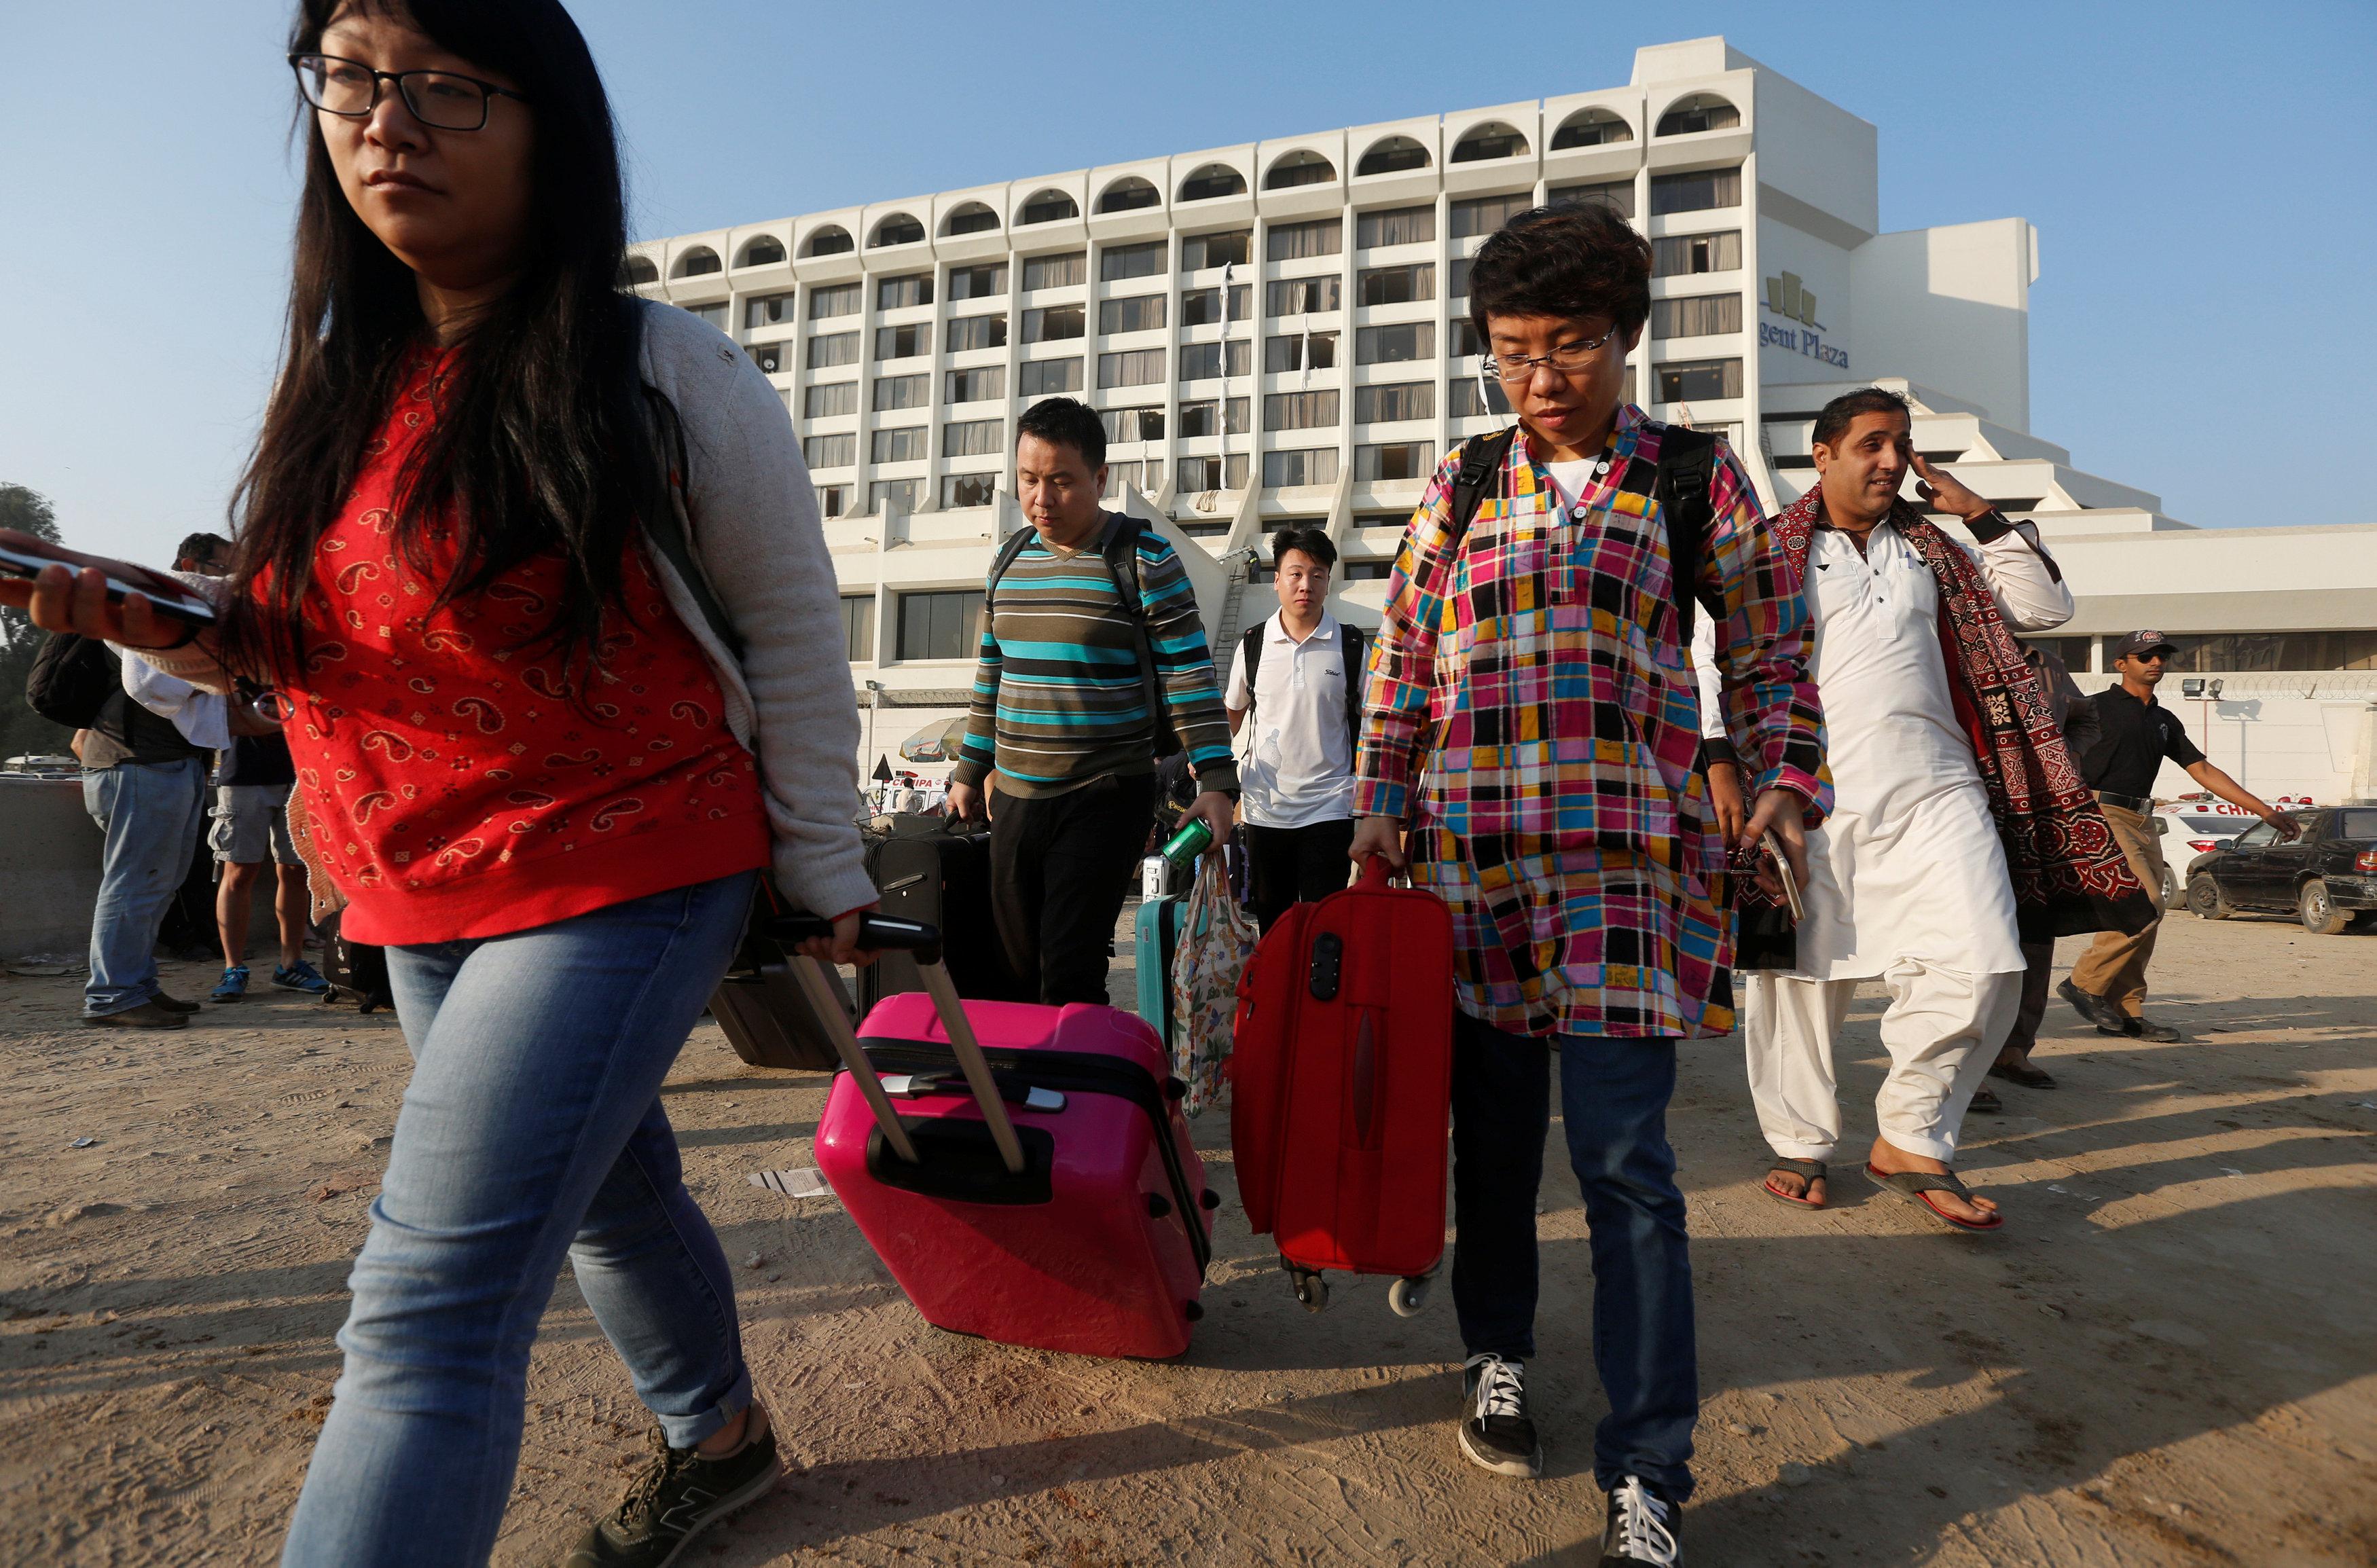 At least 11 killed in hotel blaze in Pakistan